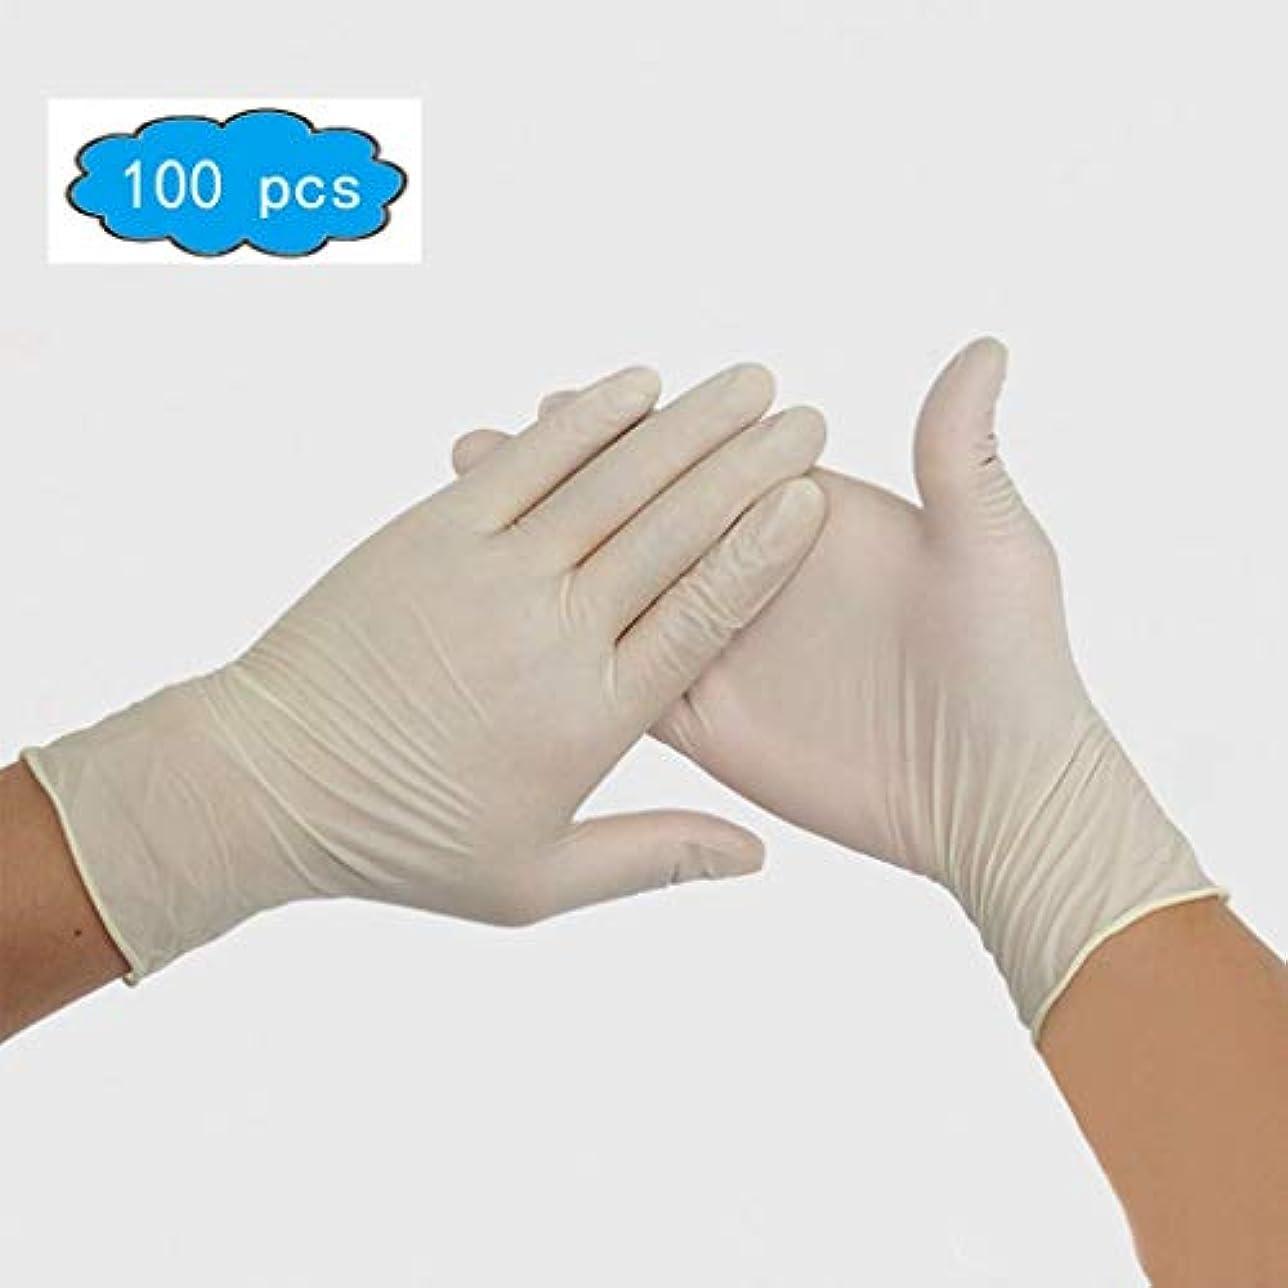 平らにする挑む農民使い捨て安全手袋、ラテックス手袋、無菌、パウダーフリー、滑らかな接触、食品等級、大型[100パック]家庭用品 (Color : Milky, Size : M)